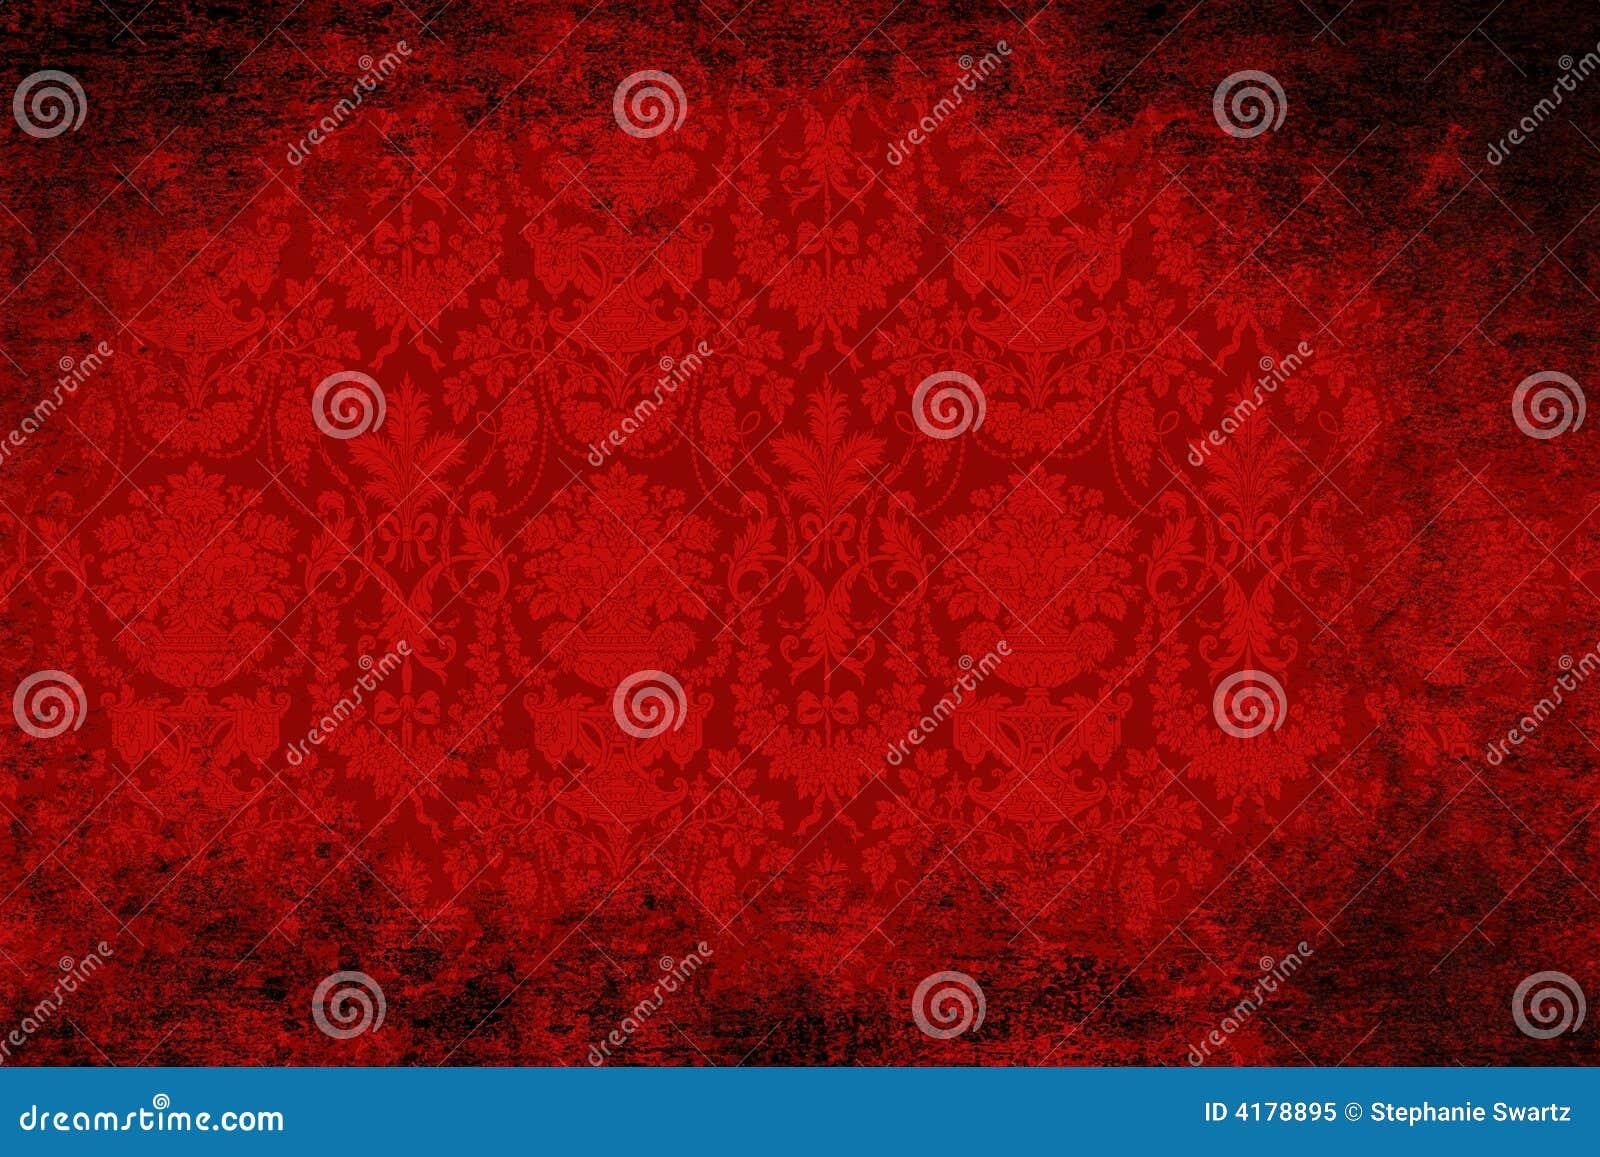 Carta da parati rossa del velluto fotografia stock libera for Carta da parati damascata rossa